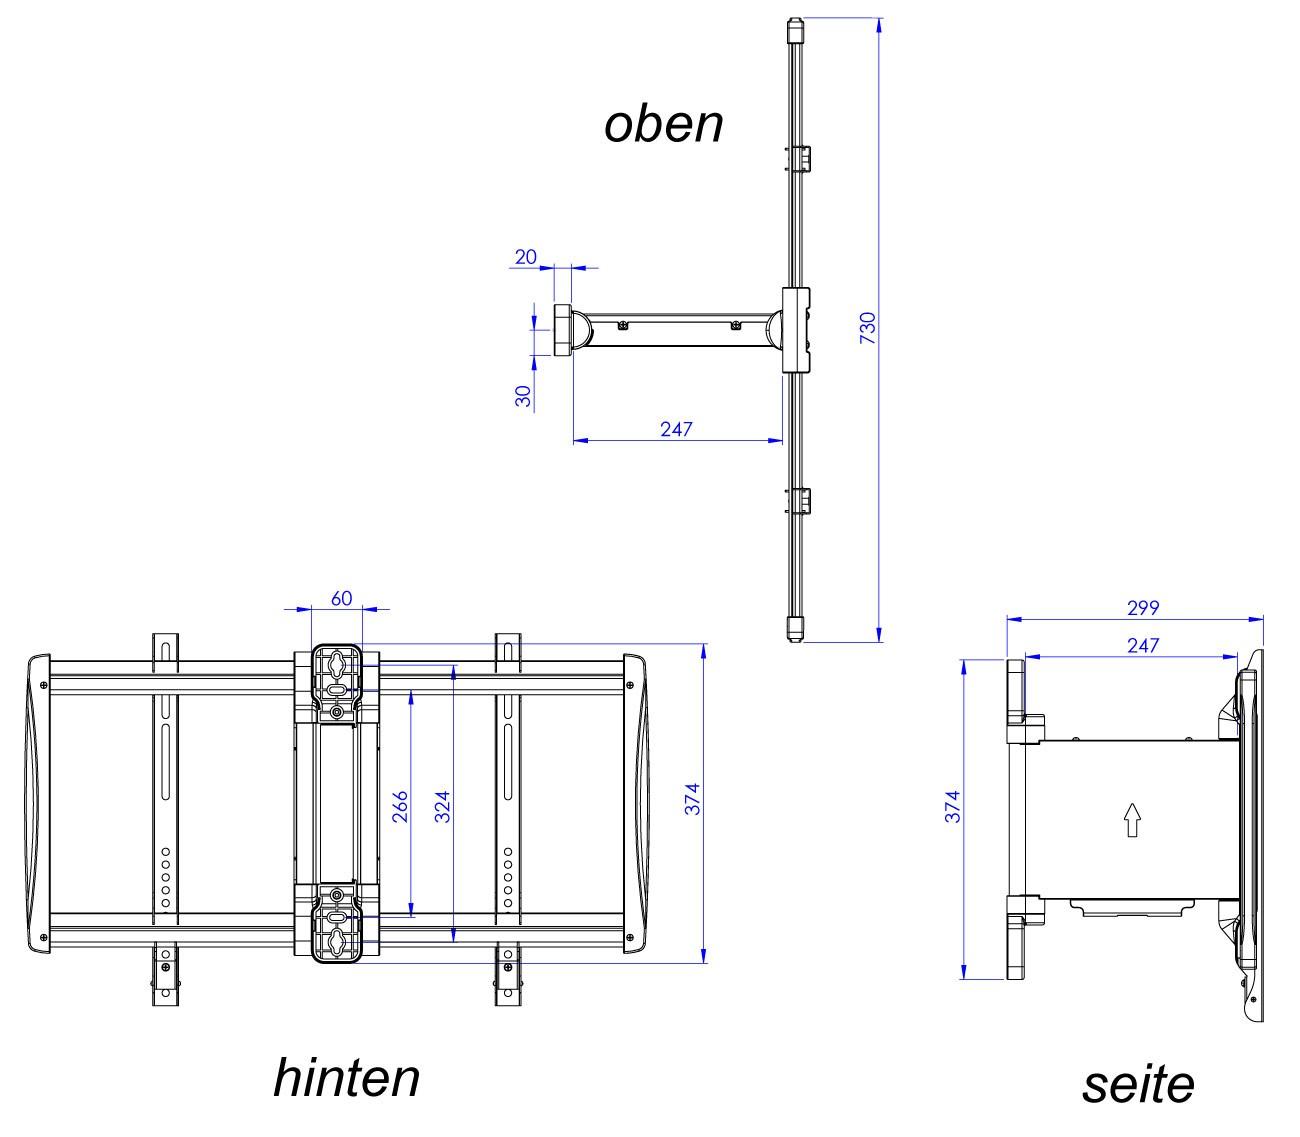 elektrische wandhalterung tv motorisiert elektrisch. Black Bedroom Furniture Sets. Home Design Ideas